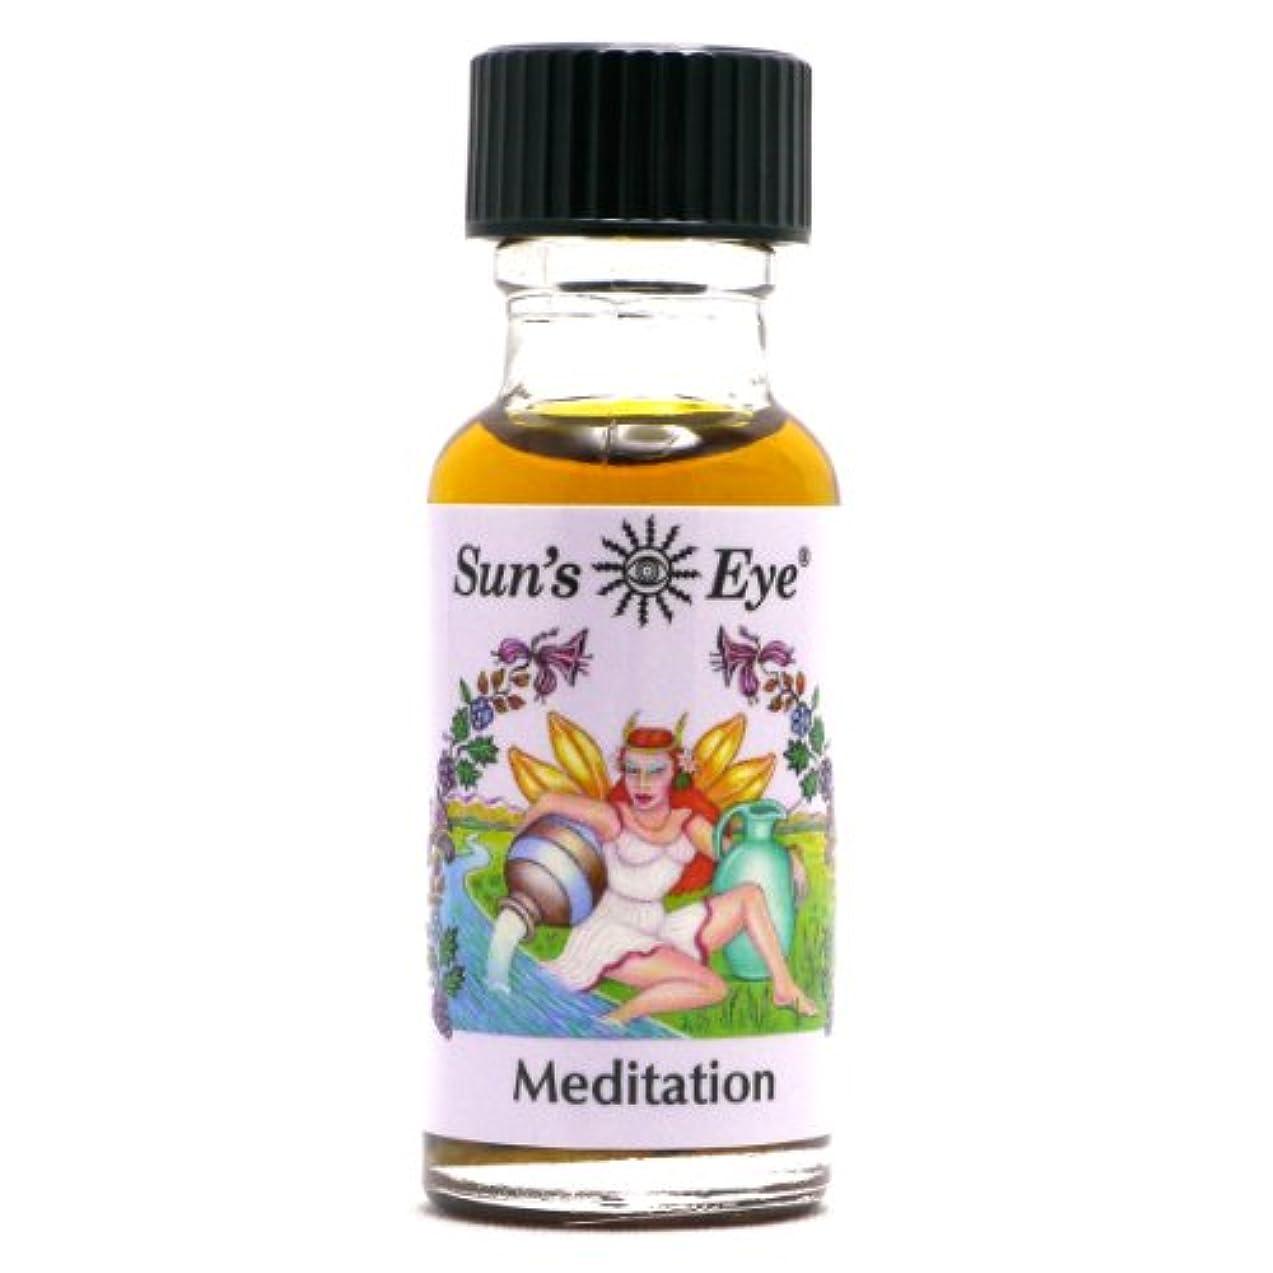 ページェントモンスター極めて【Sun'sEye サンズアイ】Mystic Blends(ミスティックブレンドオイル)Meditation(メディテーション 瞑想)